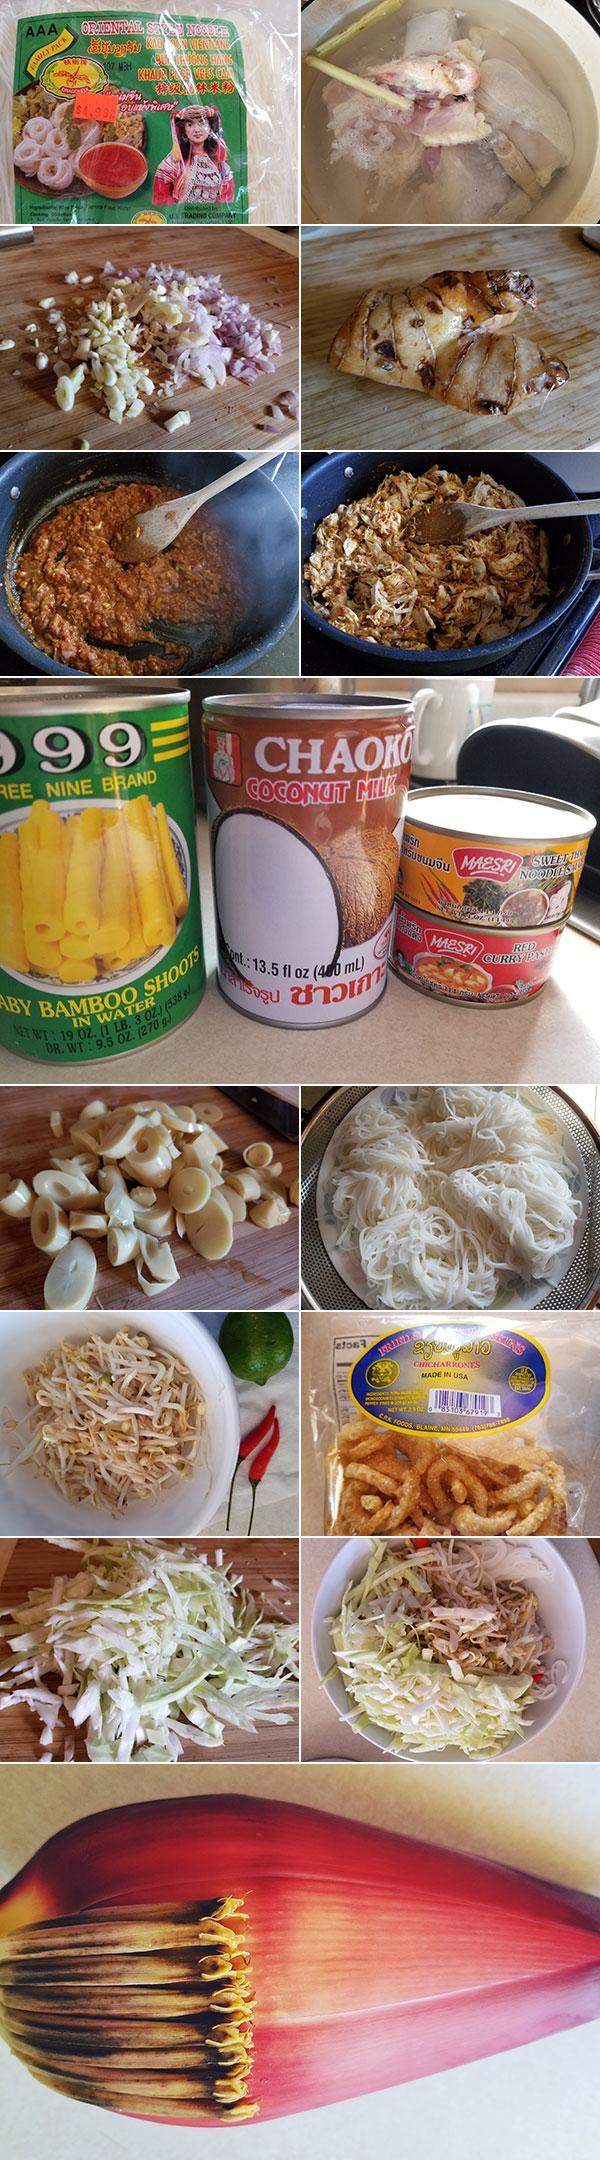 Khao Poon Ingredients